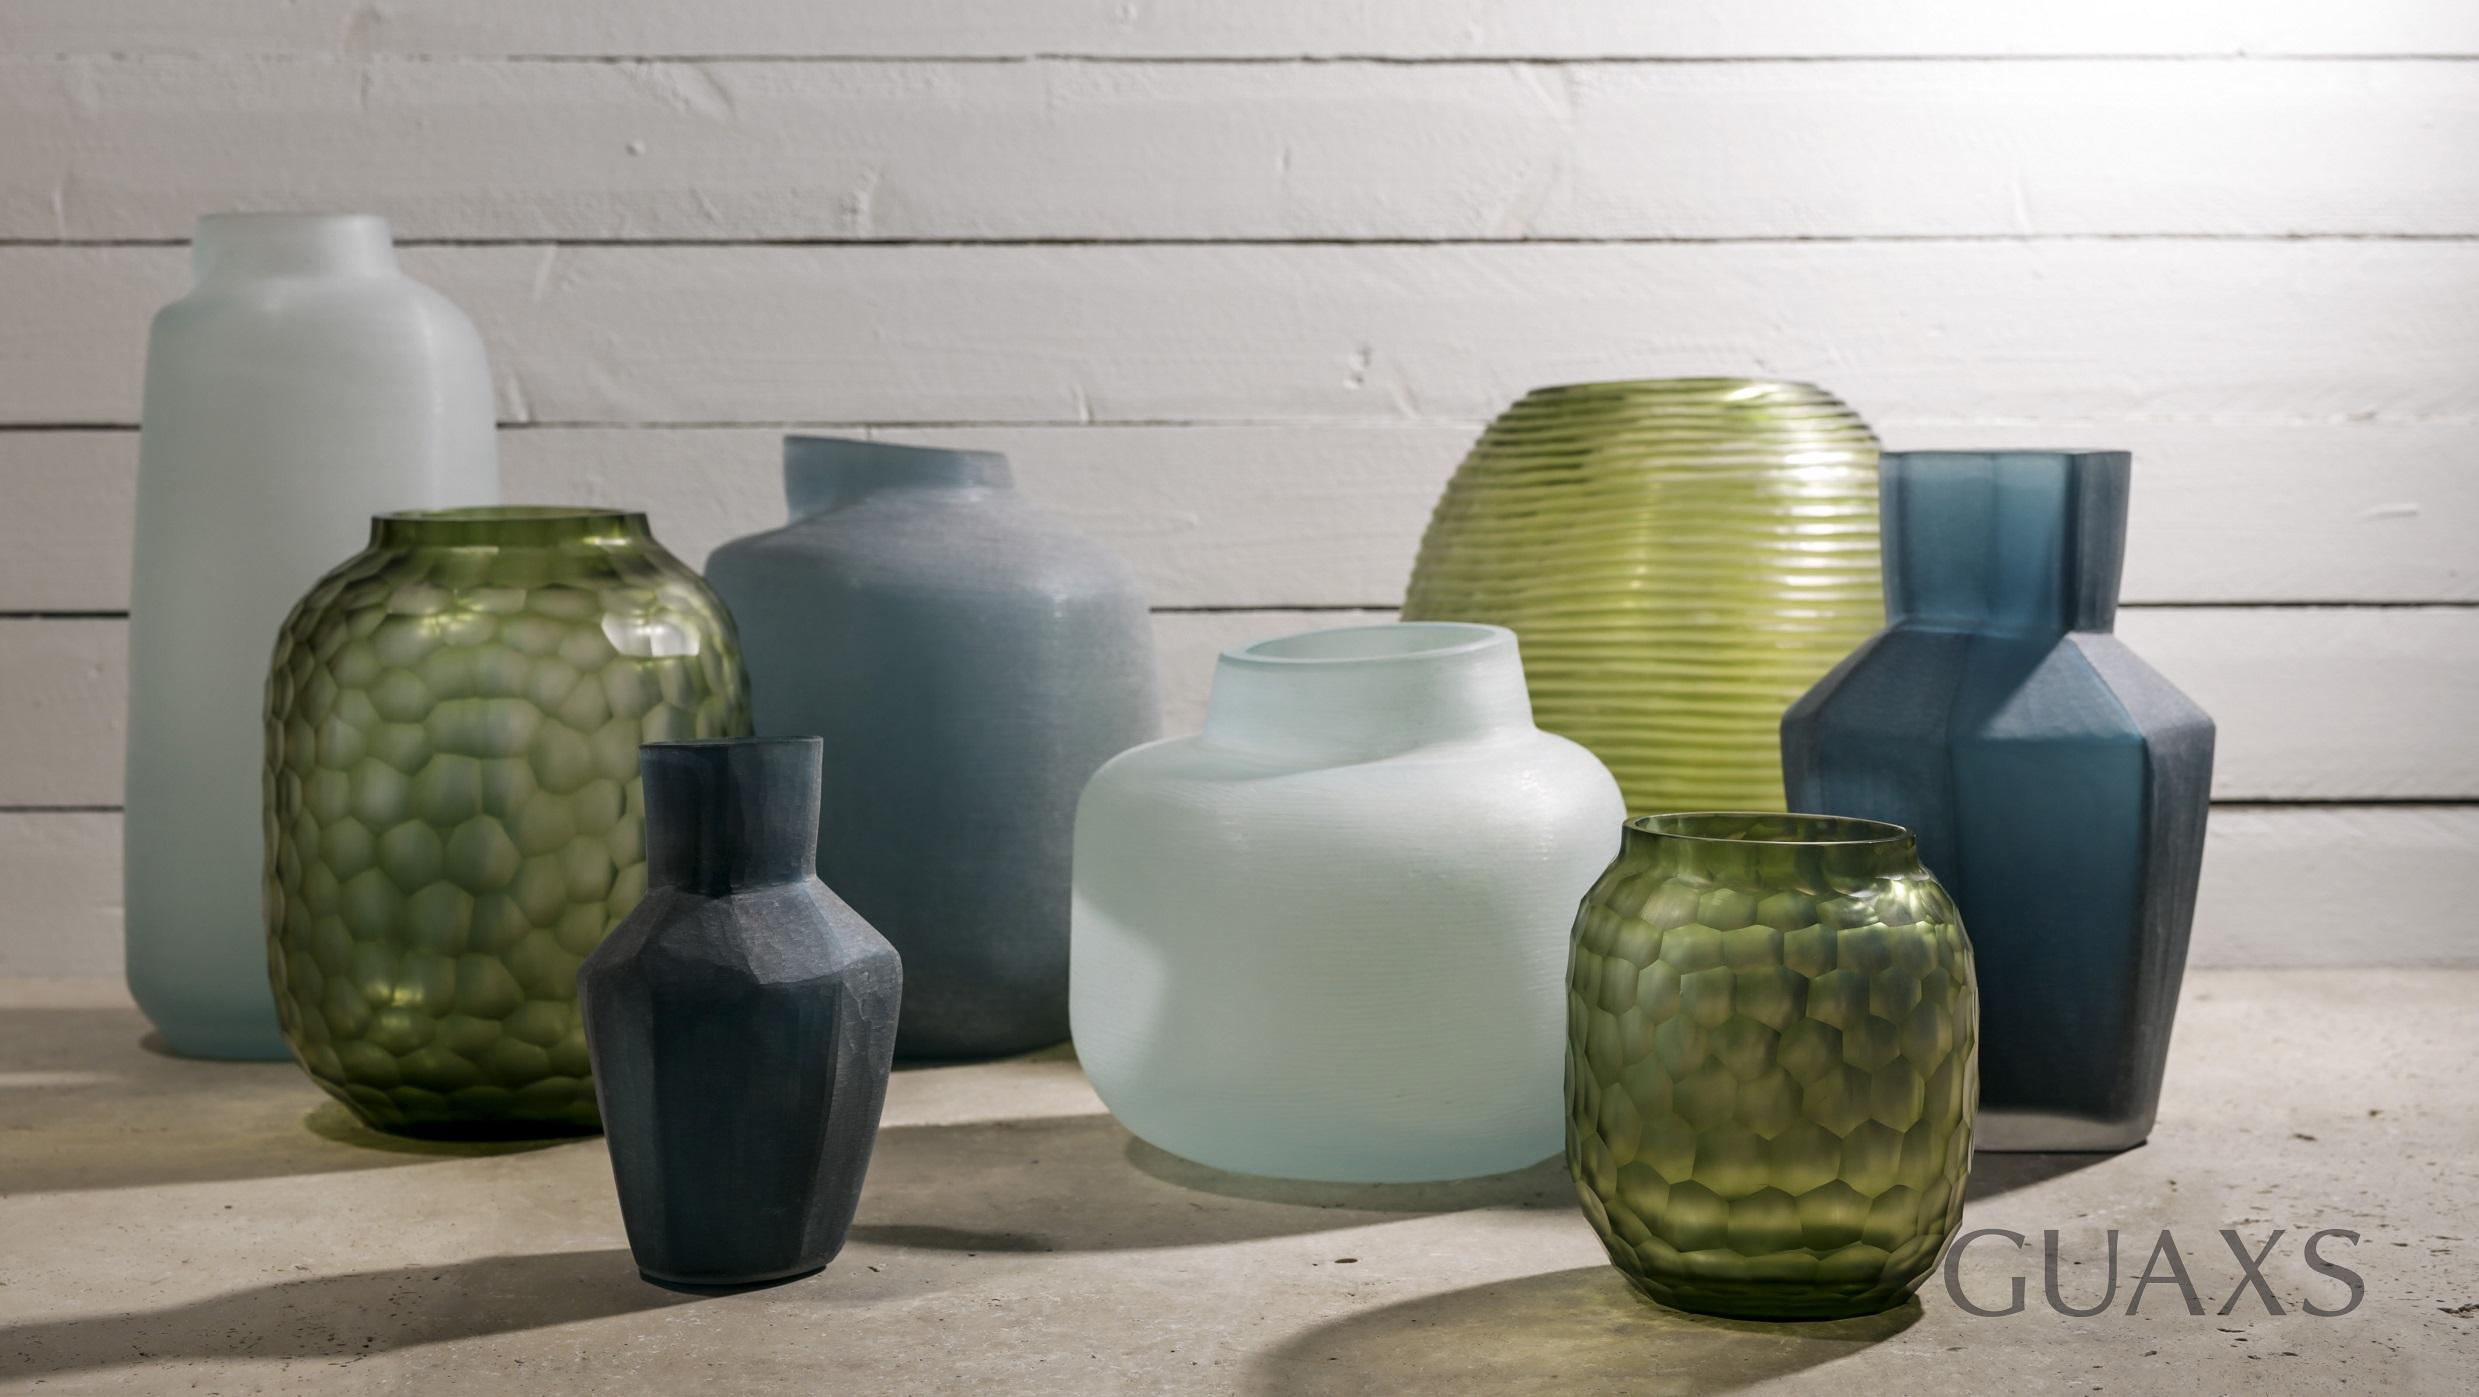 Guaxs Designer Vases And Bowls Brand Fmdesign Elements